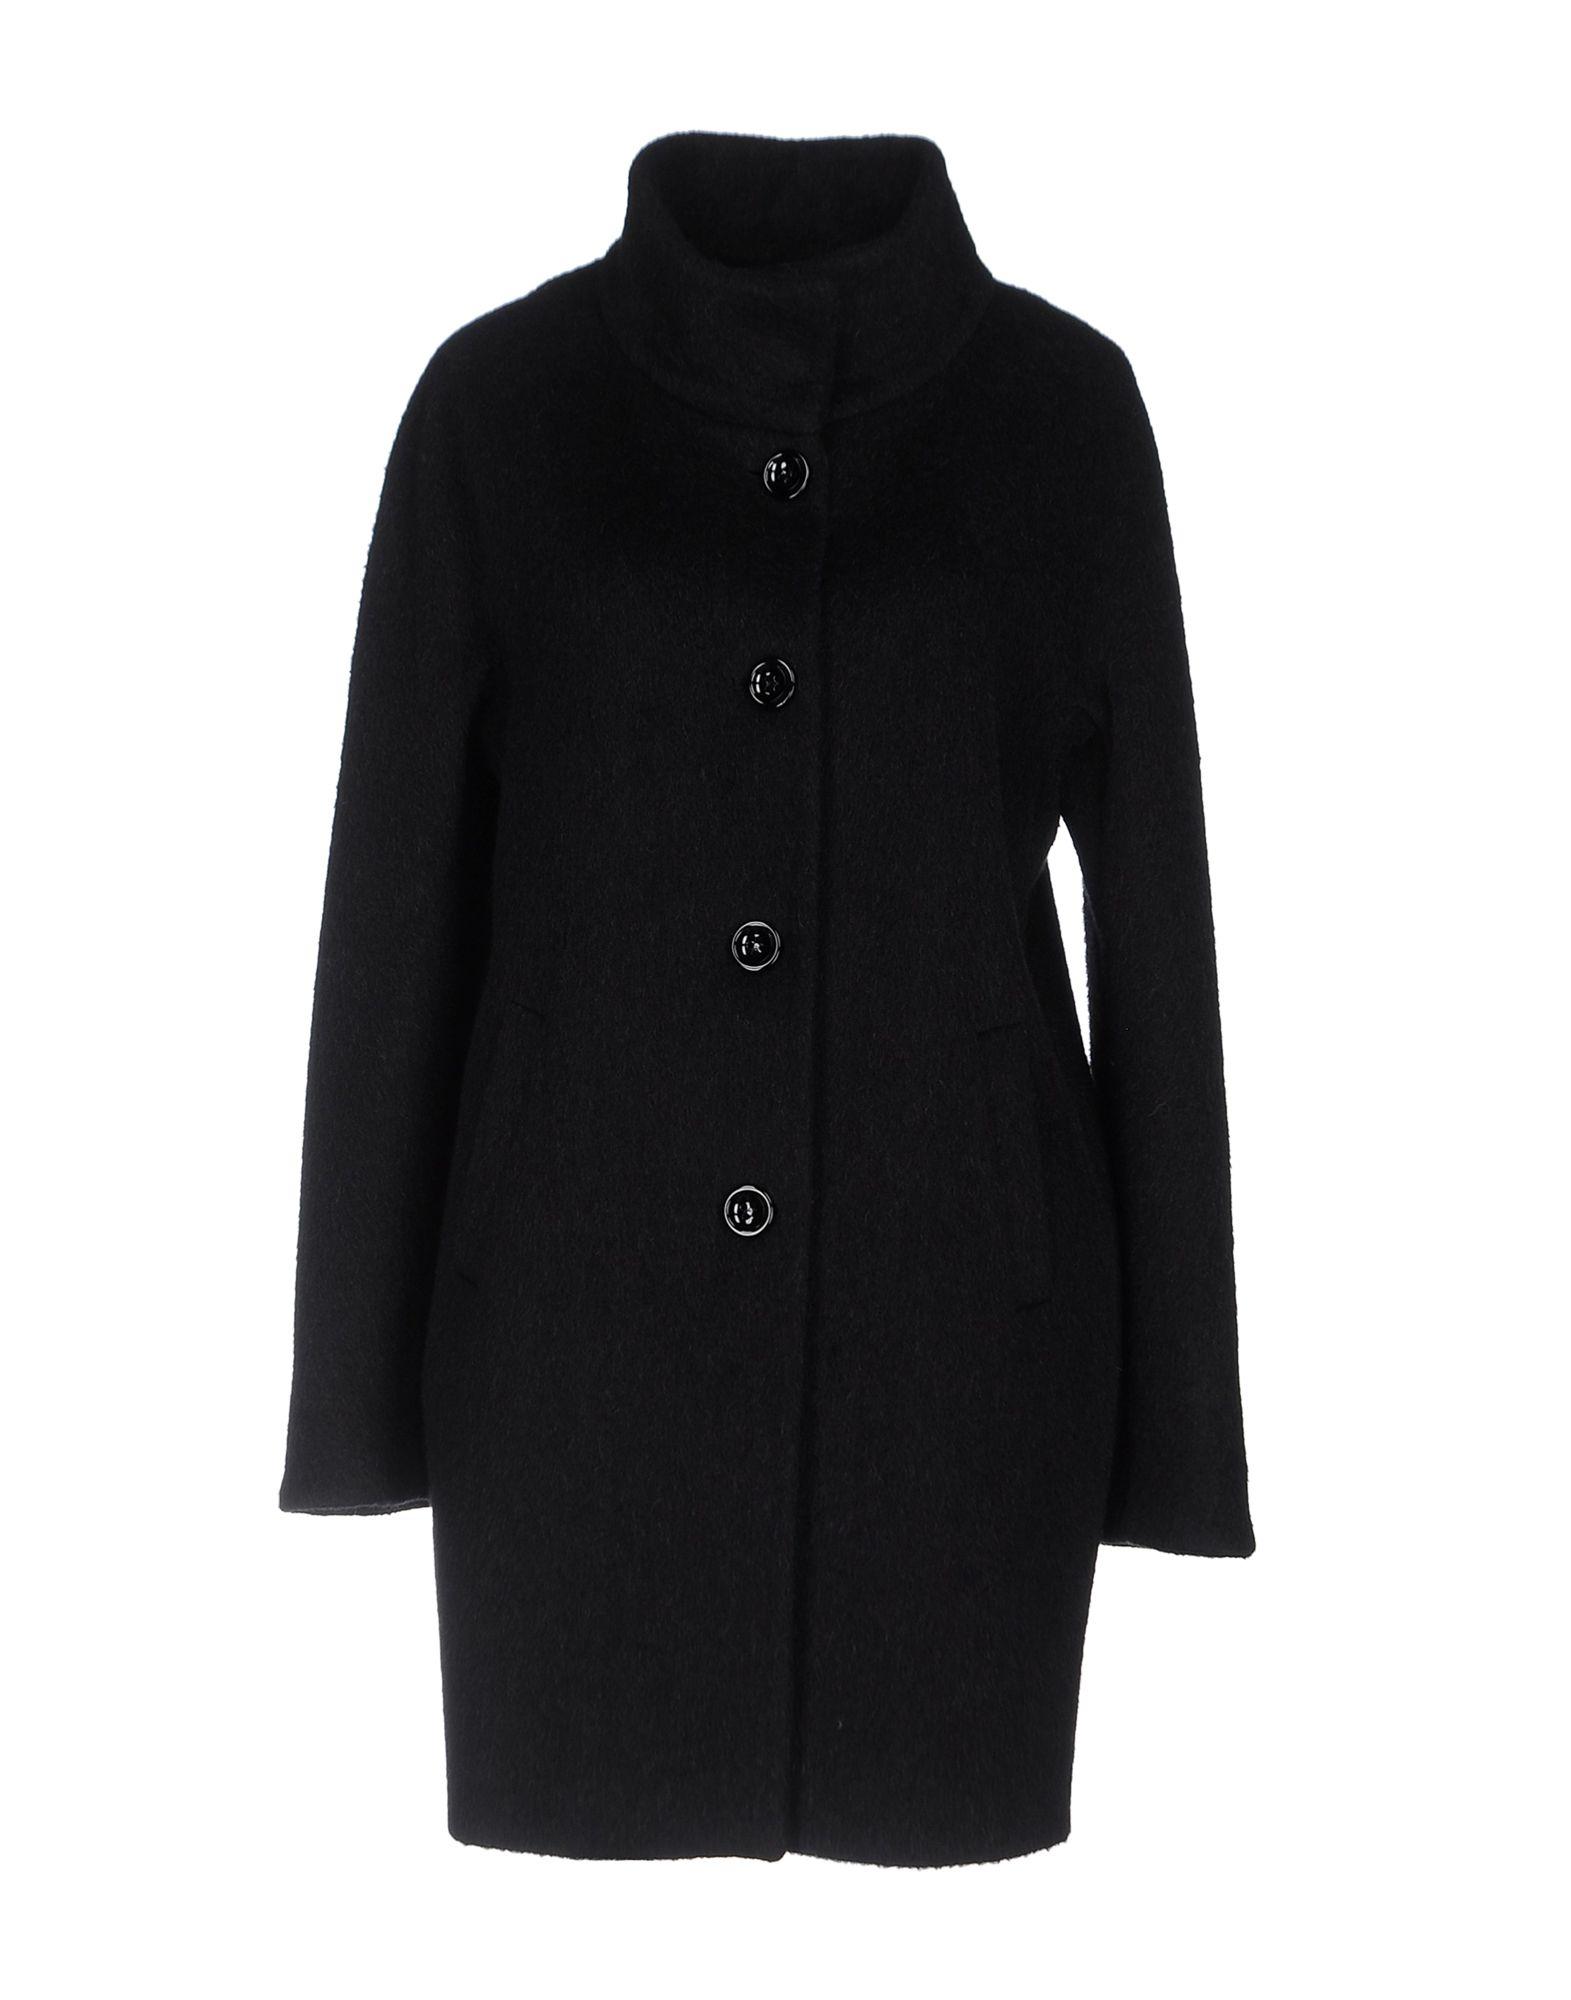 CHANOT Damen Mantel Farbe Schwarz Größe 7 - broschei